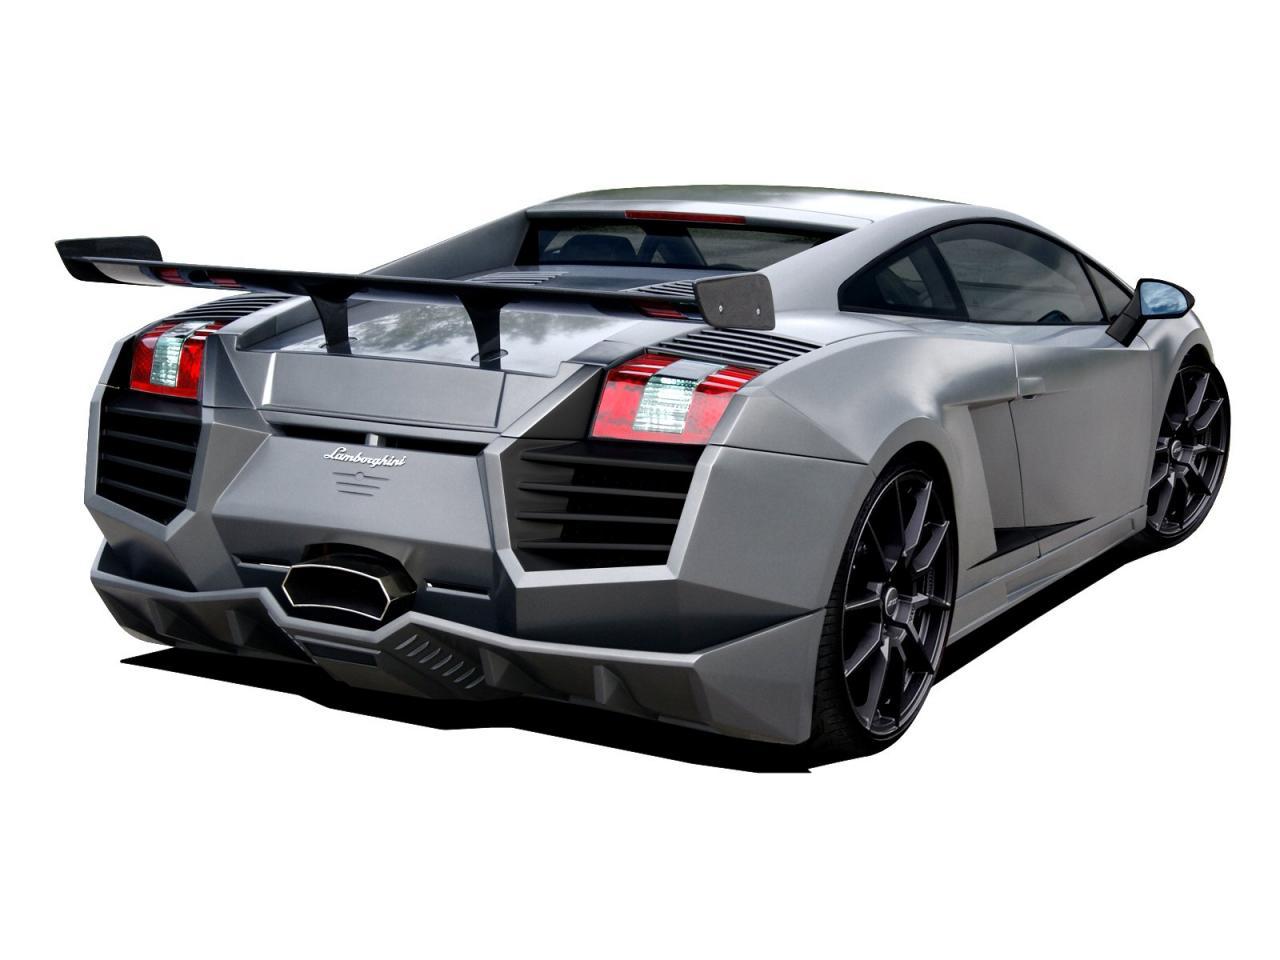 Lamborghini Gallardo od Cosa Design 6